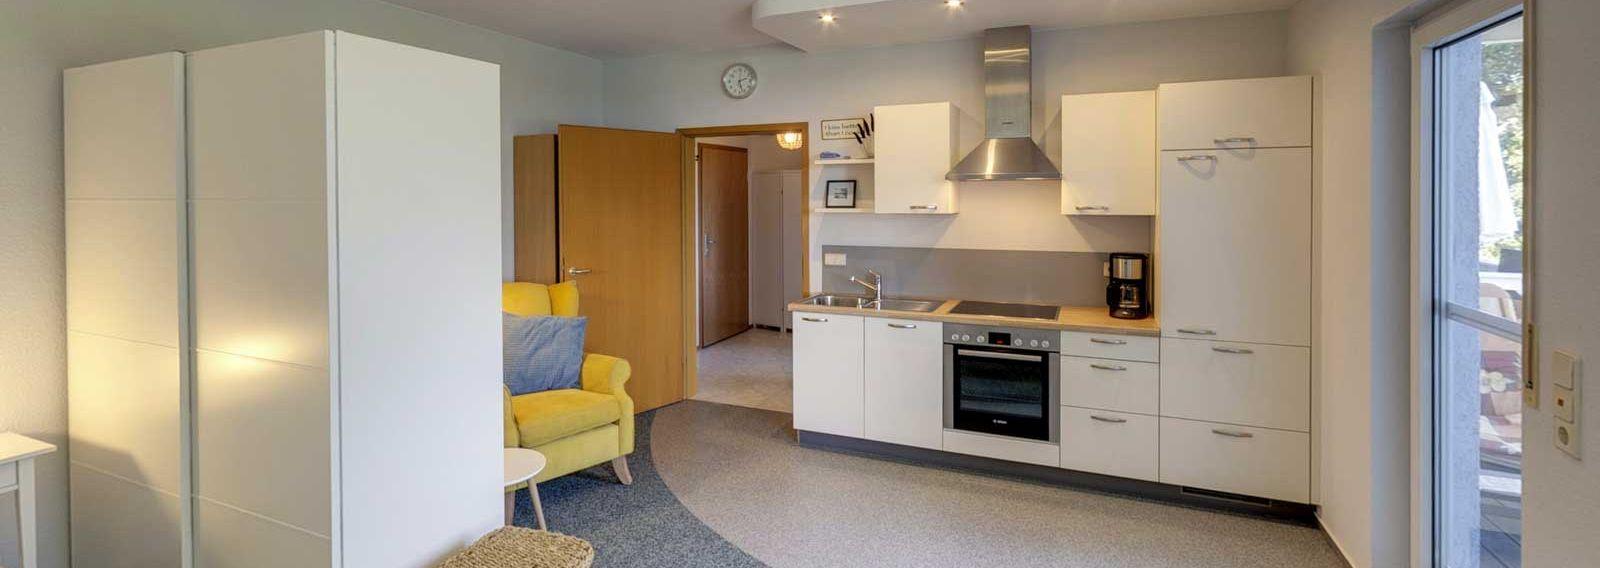 Unser Appartement im ersten Obergeschoss - Blick Richtung Küche